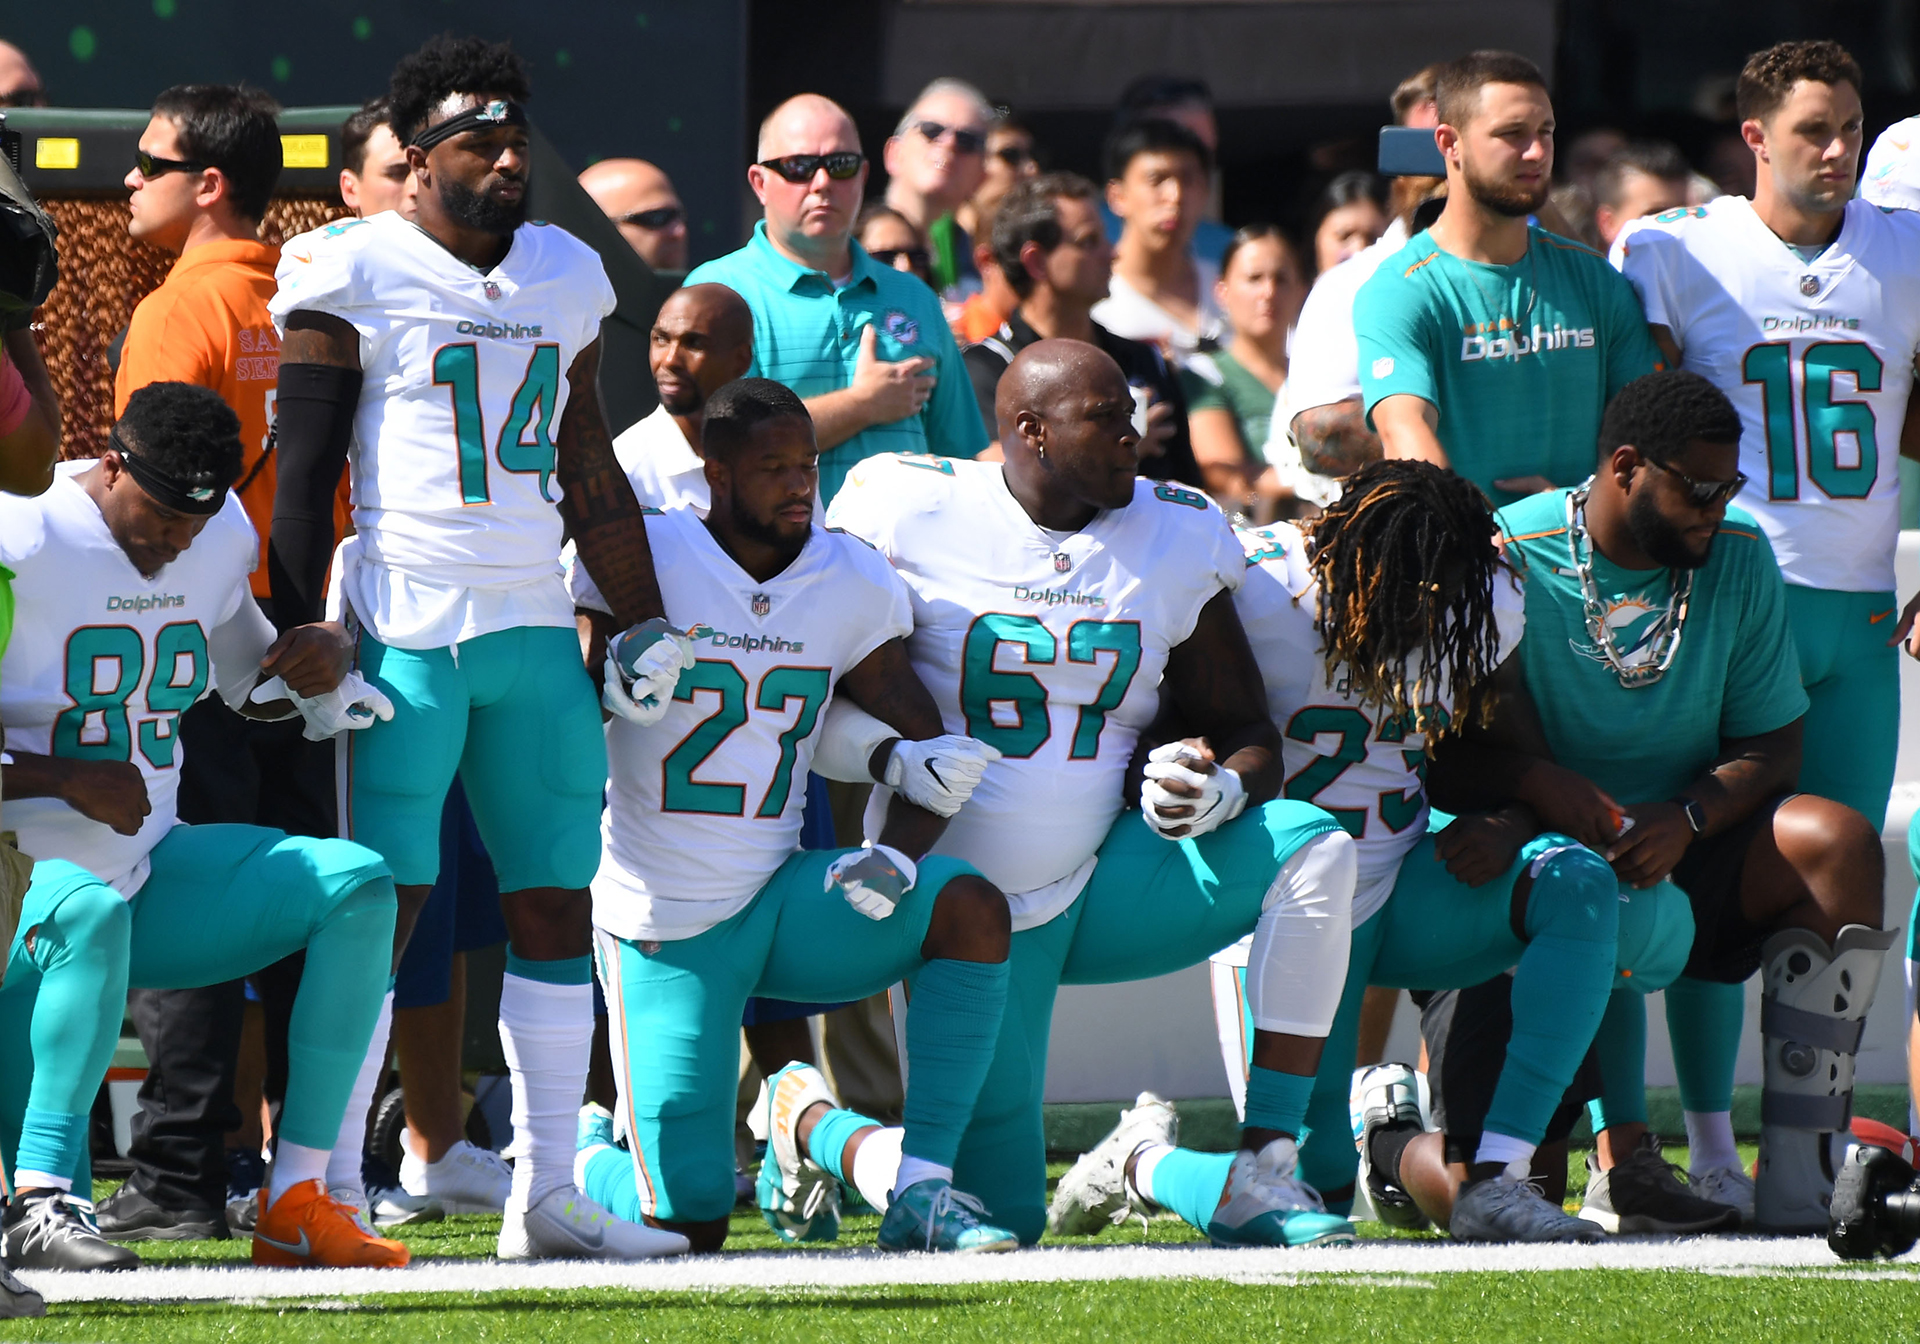 Algunos de los Miami Dolphinsse posan sobreuna rodilla durante el himno antes del juego contra los jets de Nueva York en el estadio de MetLife.